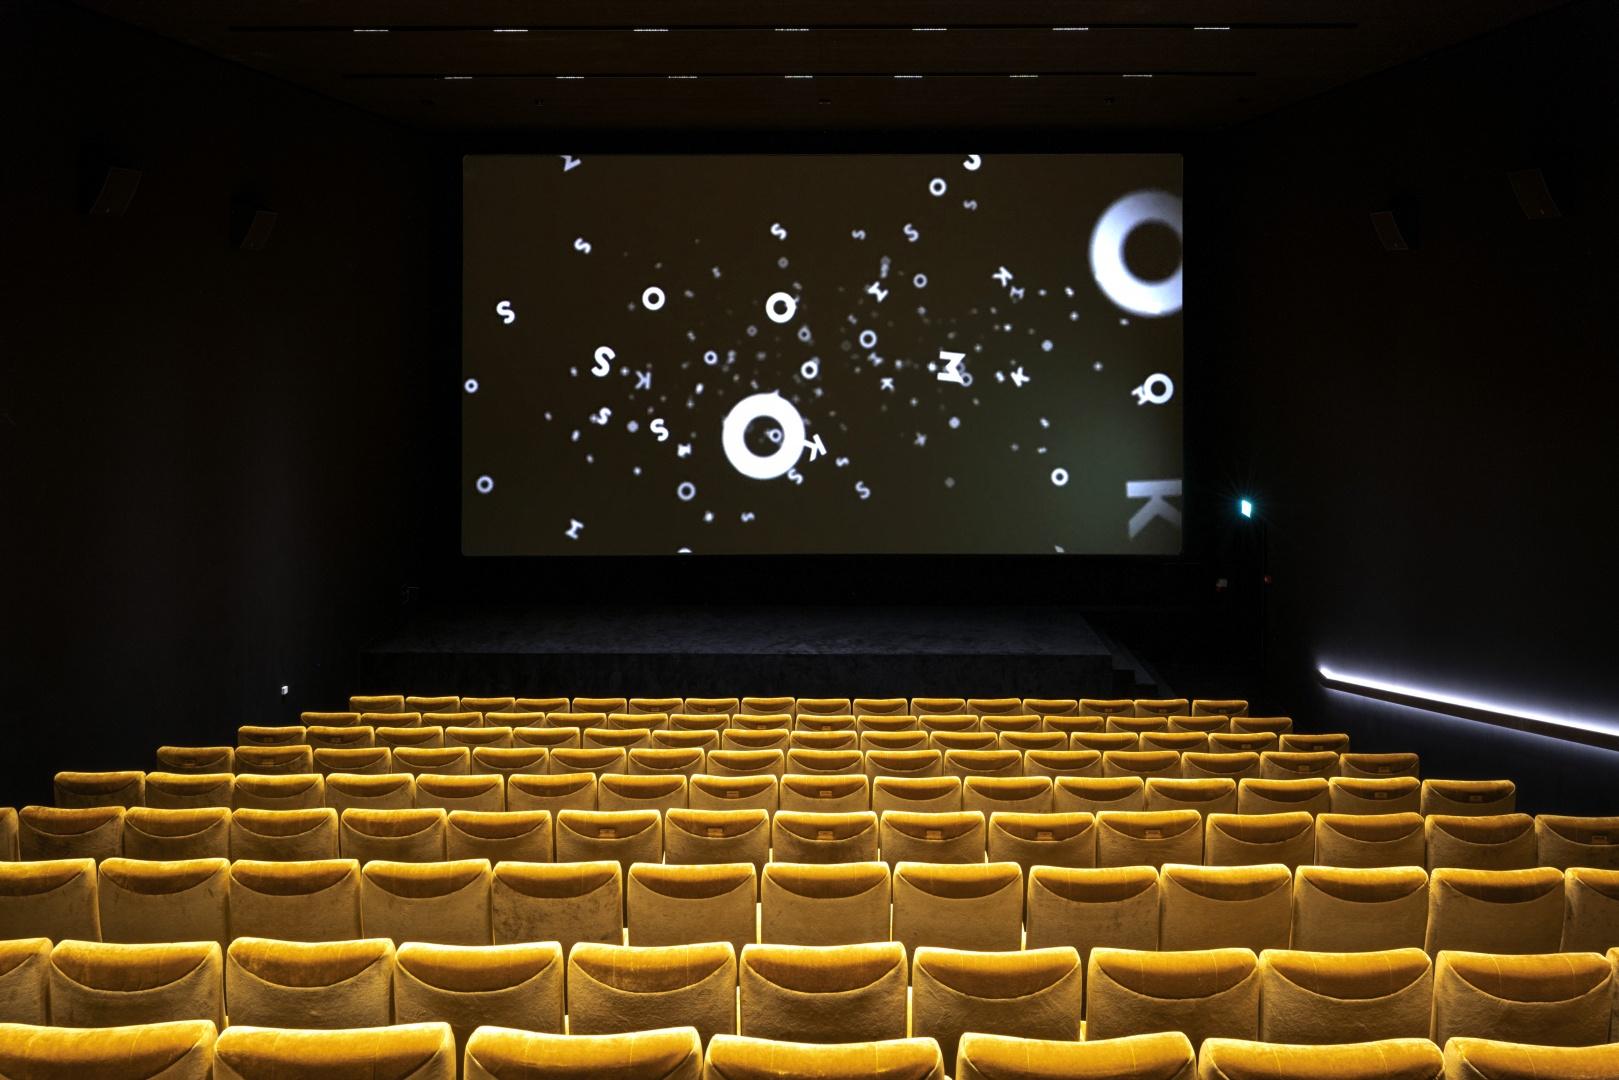 Die sechs unterschiedlich grossen Kinosäle sind  ganz in schwarz gehüllt;  für den optimalen Sicht-  und Sitzkomfort sorgen die goldfarbenen Sessel. © Burkhard & Lüthi